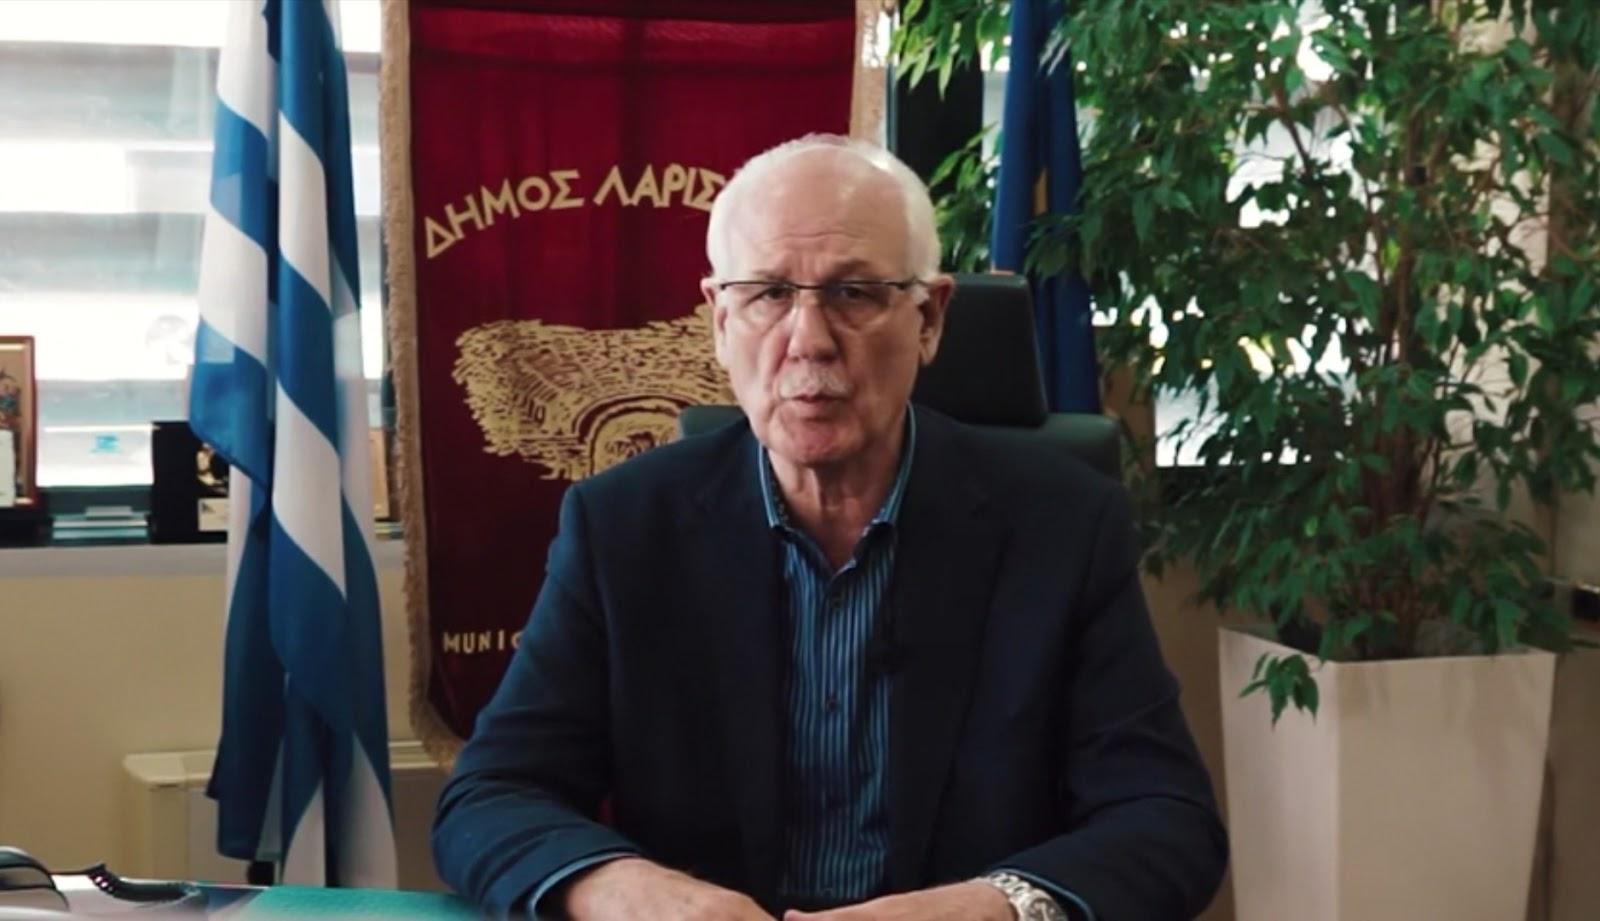 Το Πασχαλινό Μήνυμα του Δημάρχου Λαρισαίων (VIDEO)